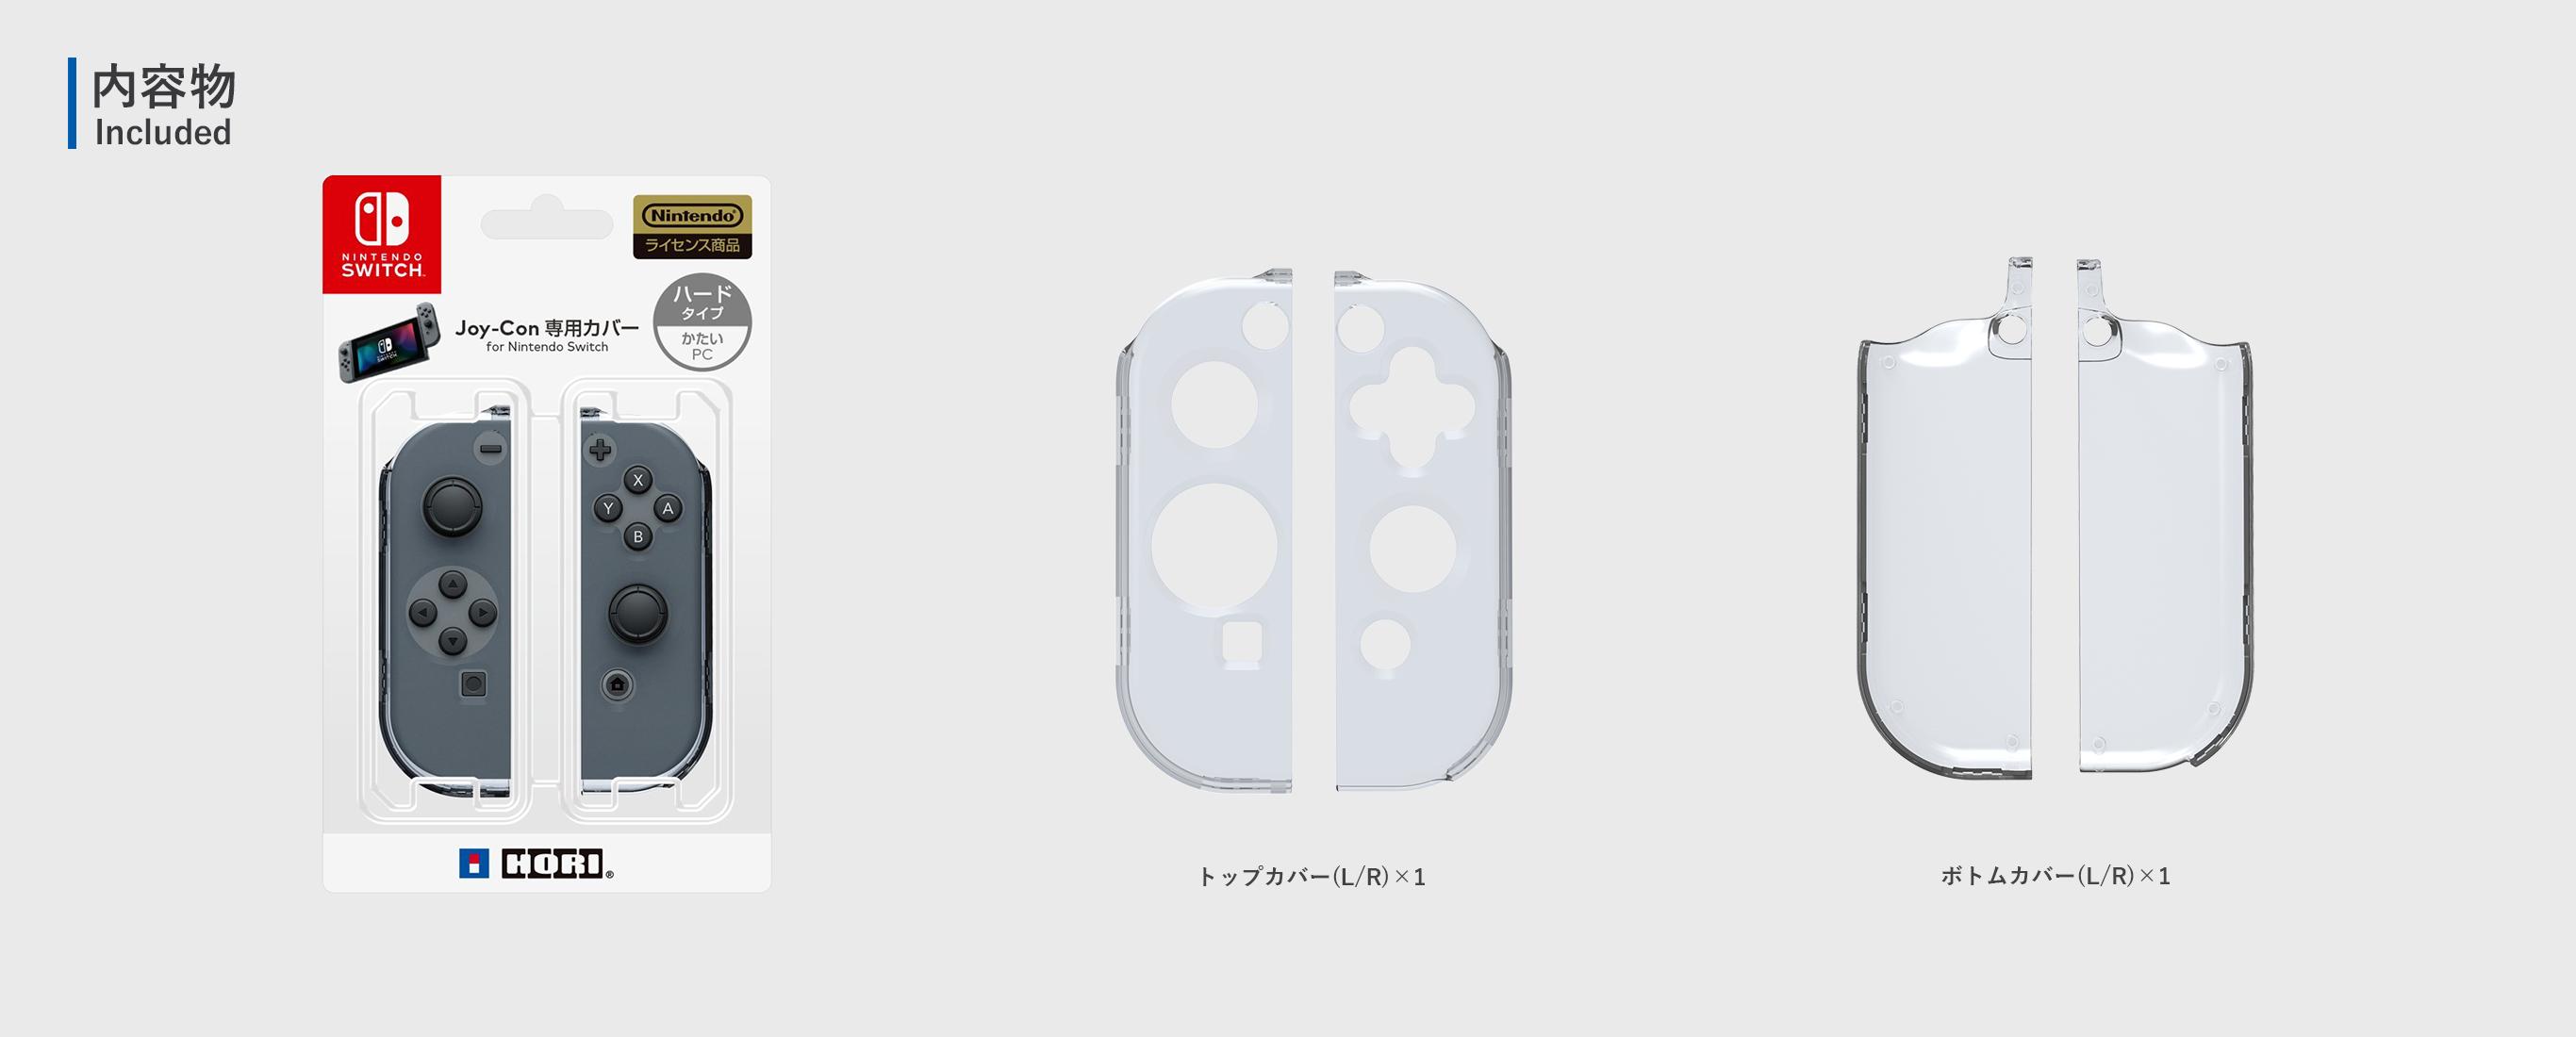 株式会社 Hori Joy Con専用カバー ハードタイプ For Nintendo Switch